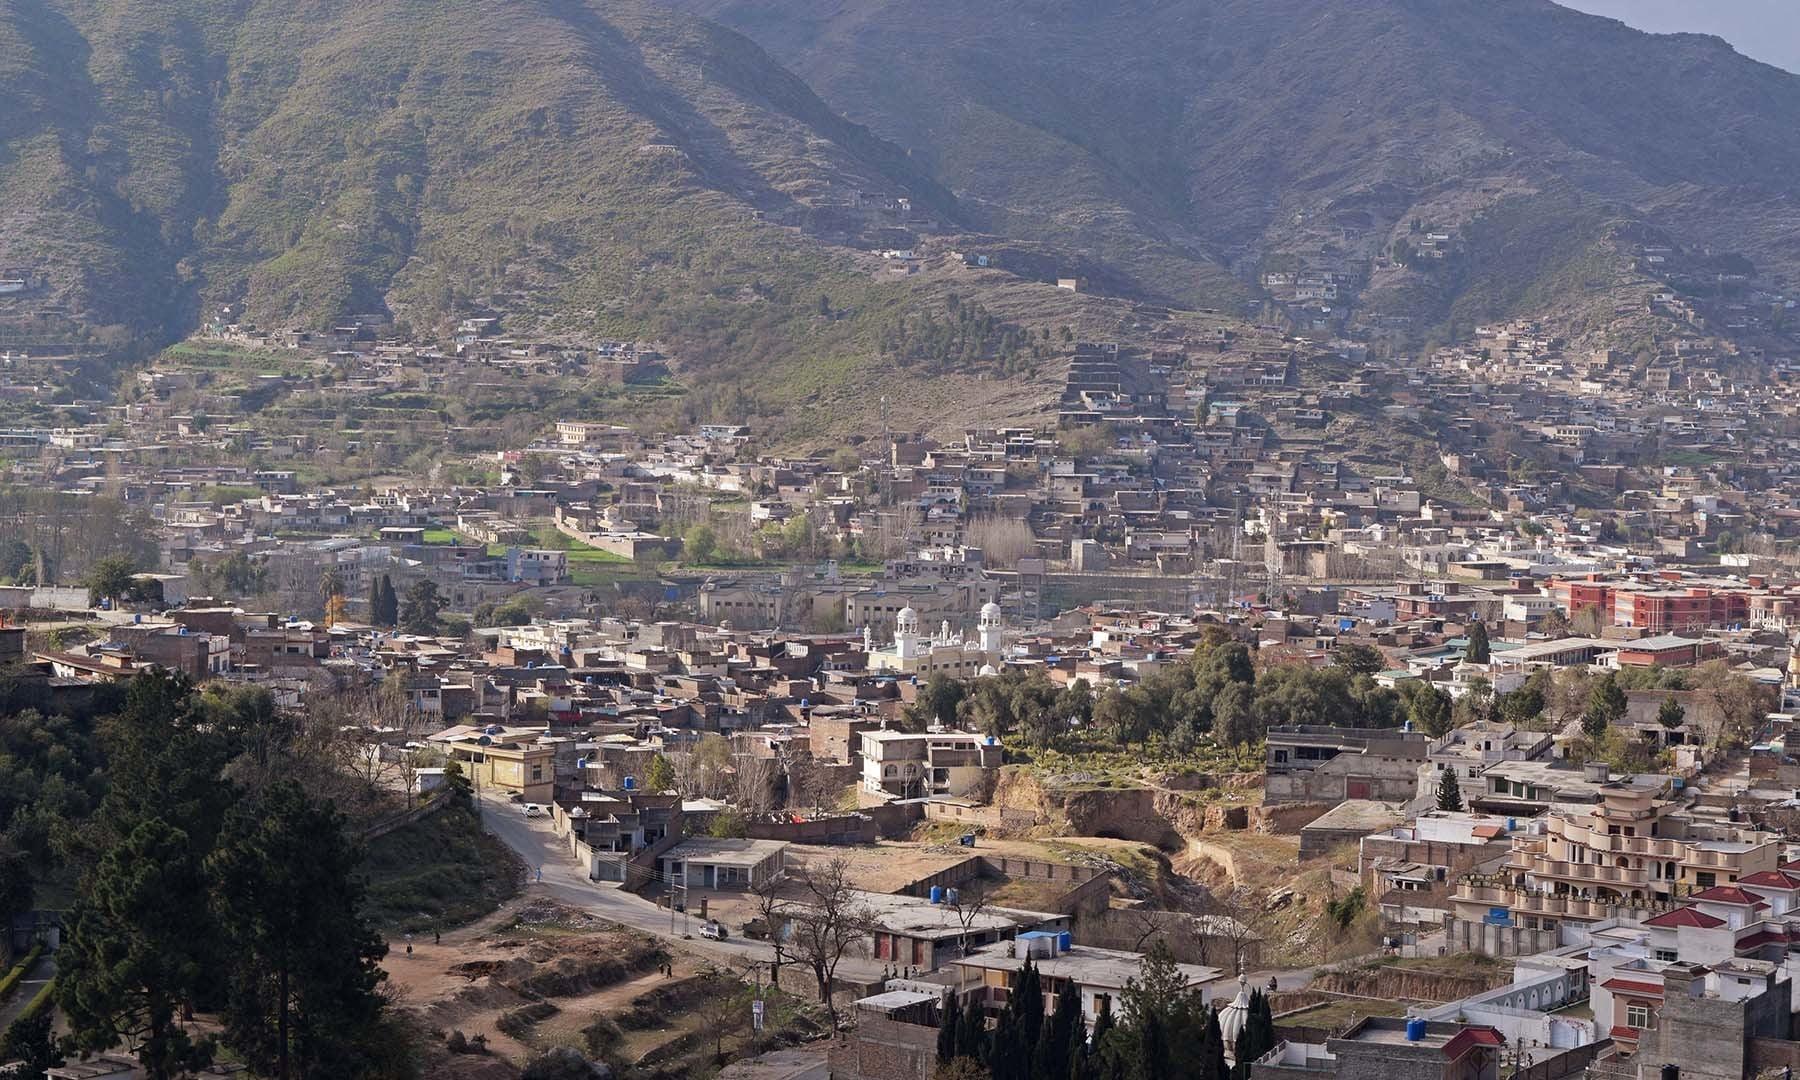 مقامی پہاڑی سے سیدو بابا کا مزار نمایاں ہے— فوٹو امجد علی سحاب